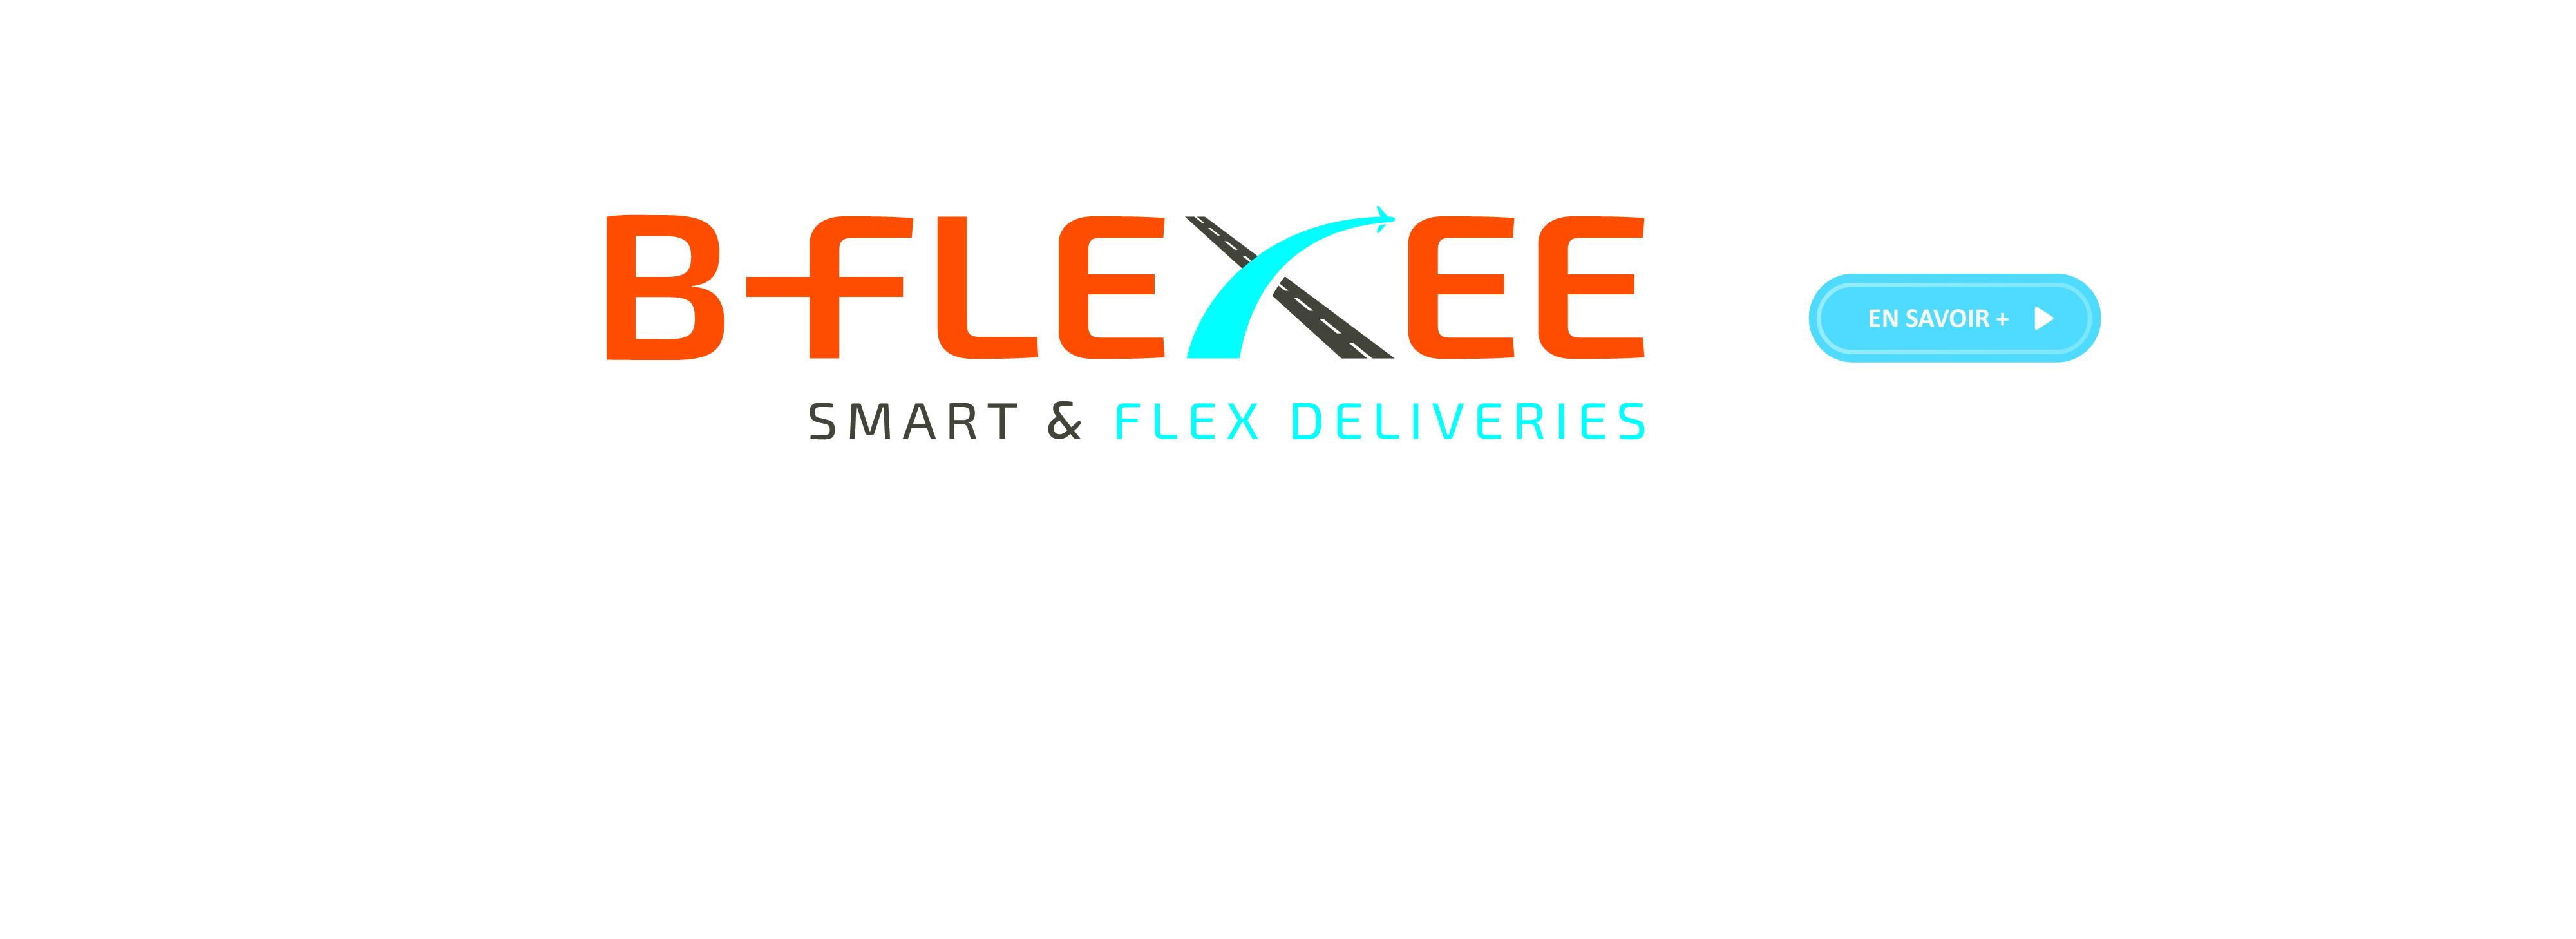 B-FLEXEE